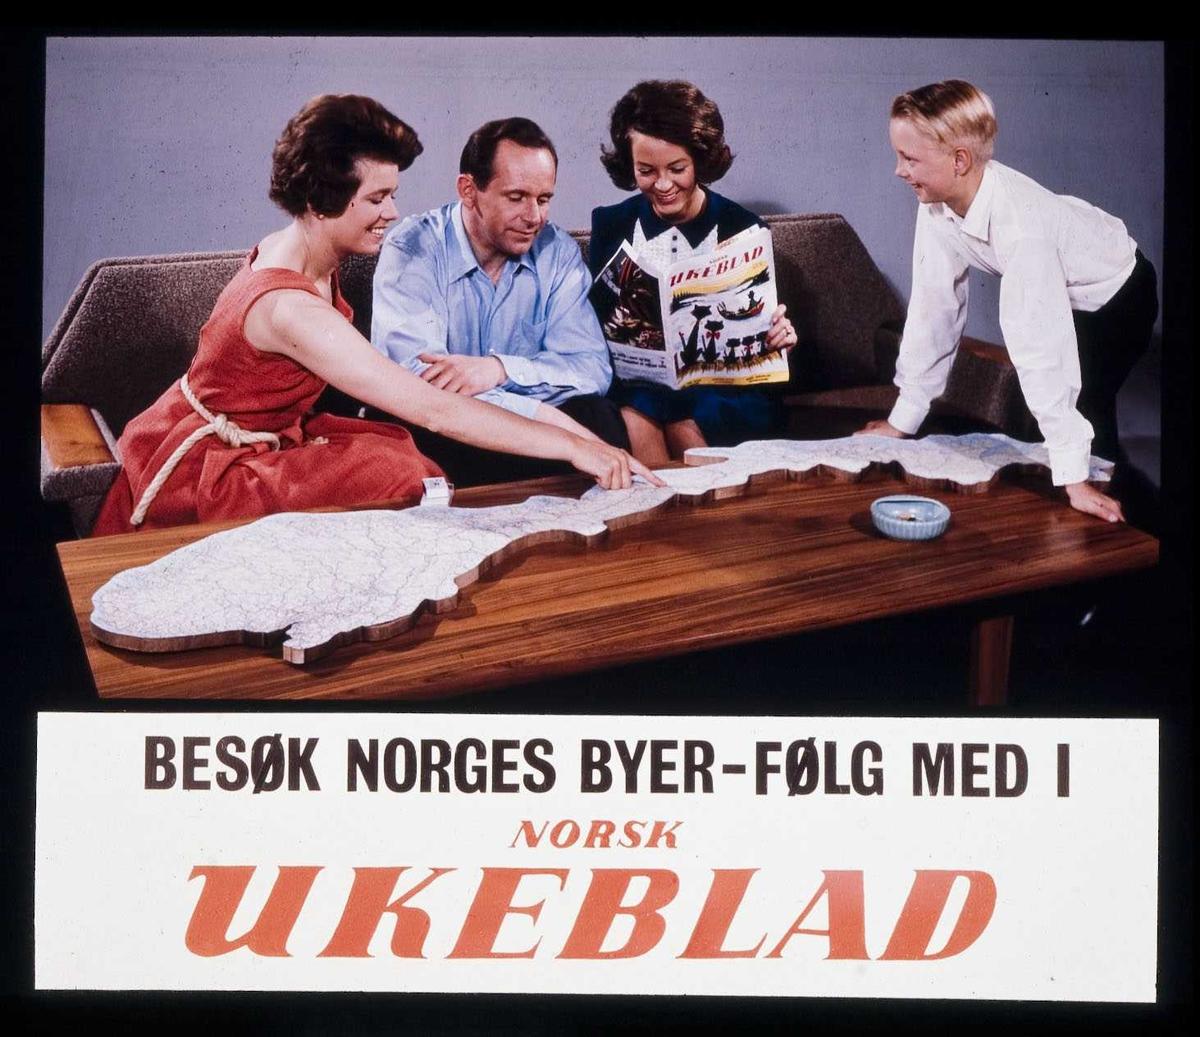 Kinoreklame fra Ski for Norsk Ukeblad. Besøk Norges byer - følg med i Norsk Ukeblad